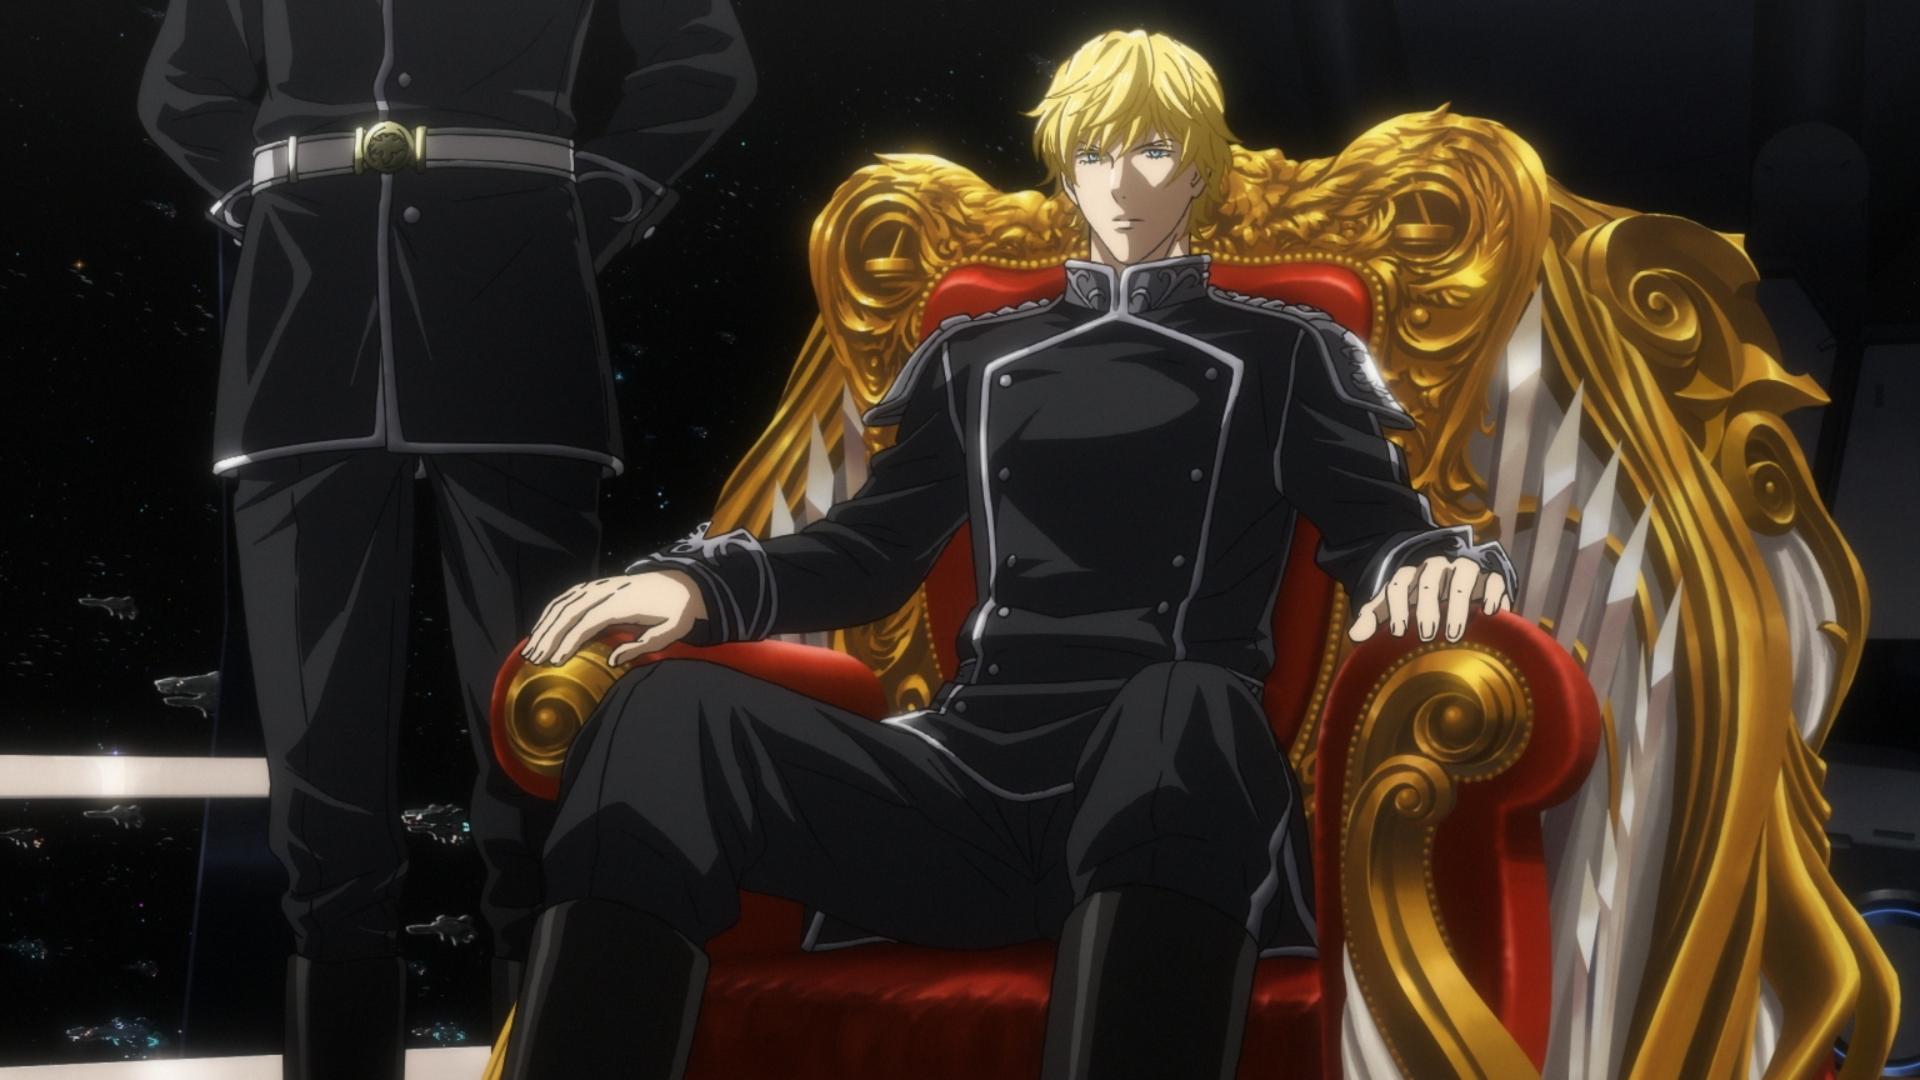 座っている椅子が豪華すぎる銀河英雄伝説の壁紙